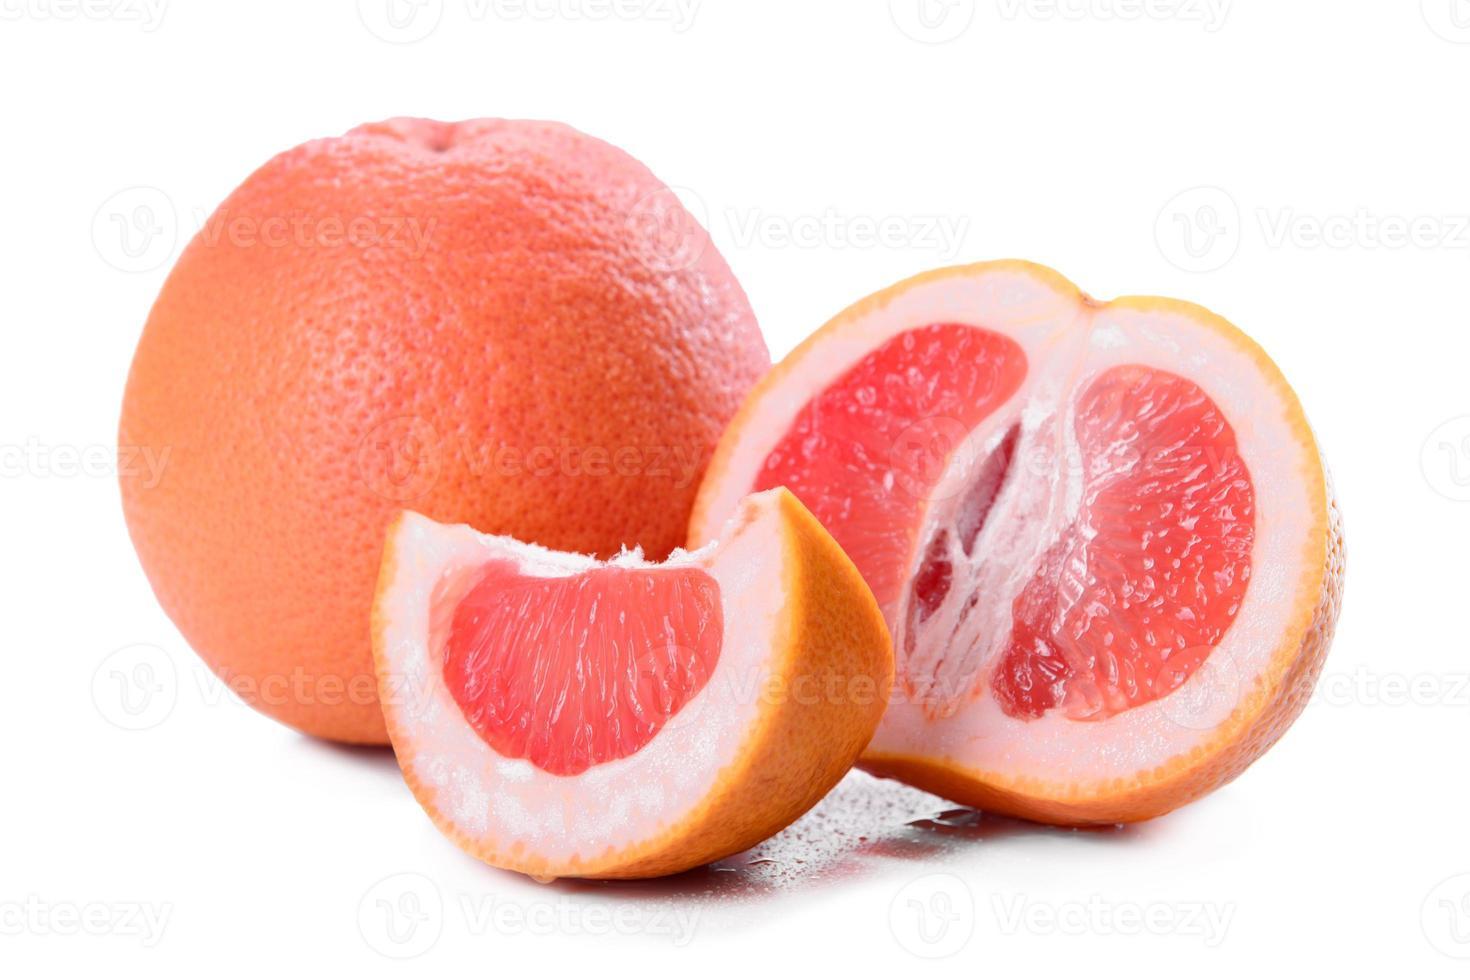 färsk grapefrukt närbild foto